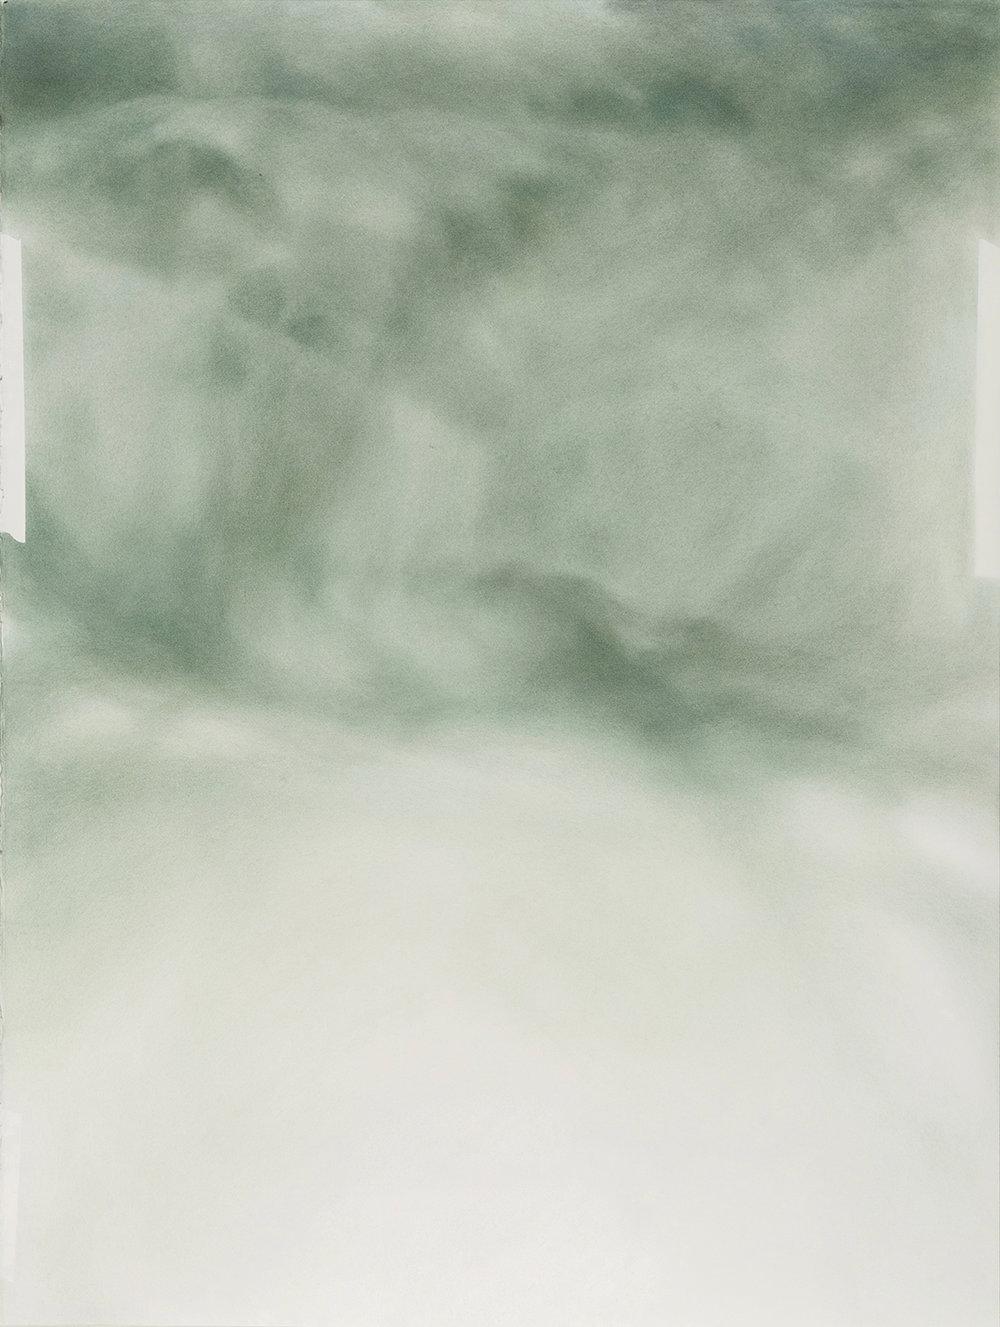 """Andréanne Godin, And the Light Brushed Against Your Cheek , 2018,dry pigments (Pigments secs (Bleu de Prusse, Ocre brun et brun Van Dyke) sur papier Arches,40"""" x 30"""" (102 x 76 cm)."""